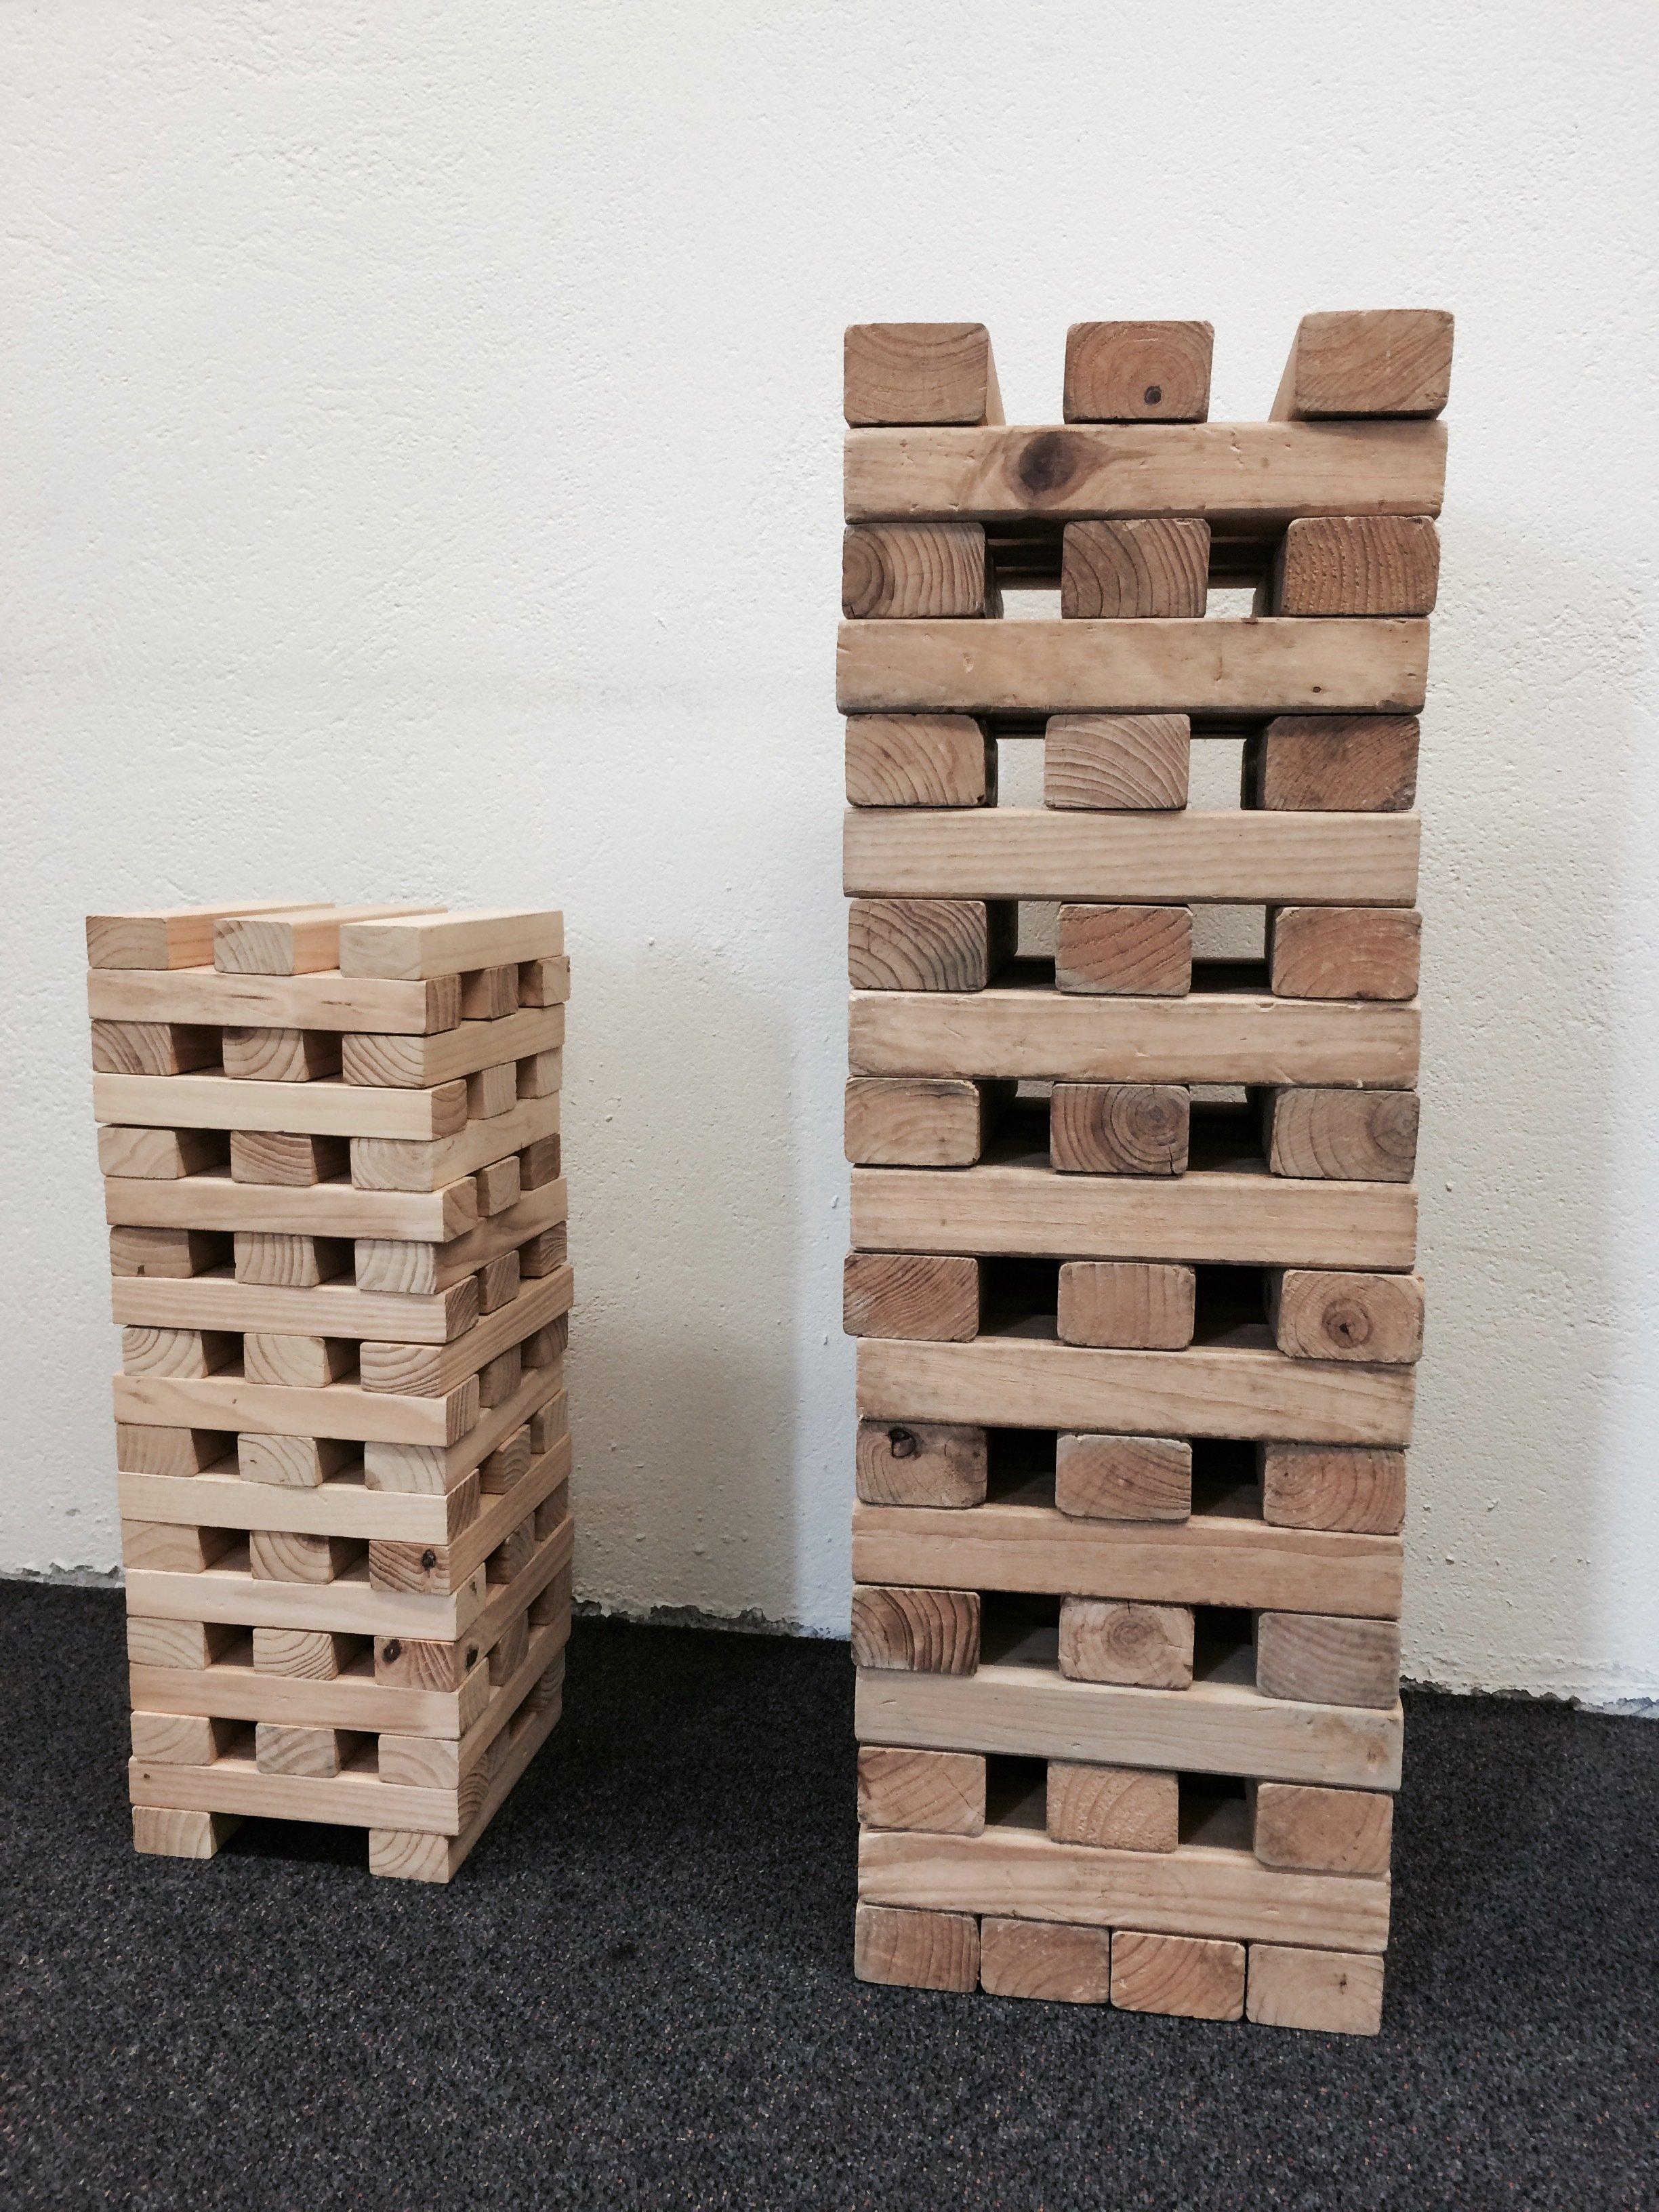 Jenga Tumble Tower Game